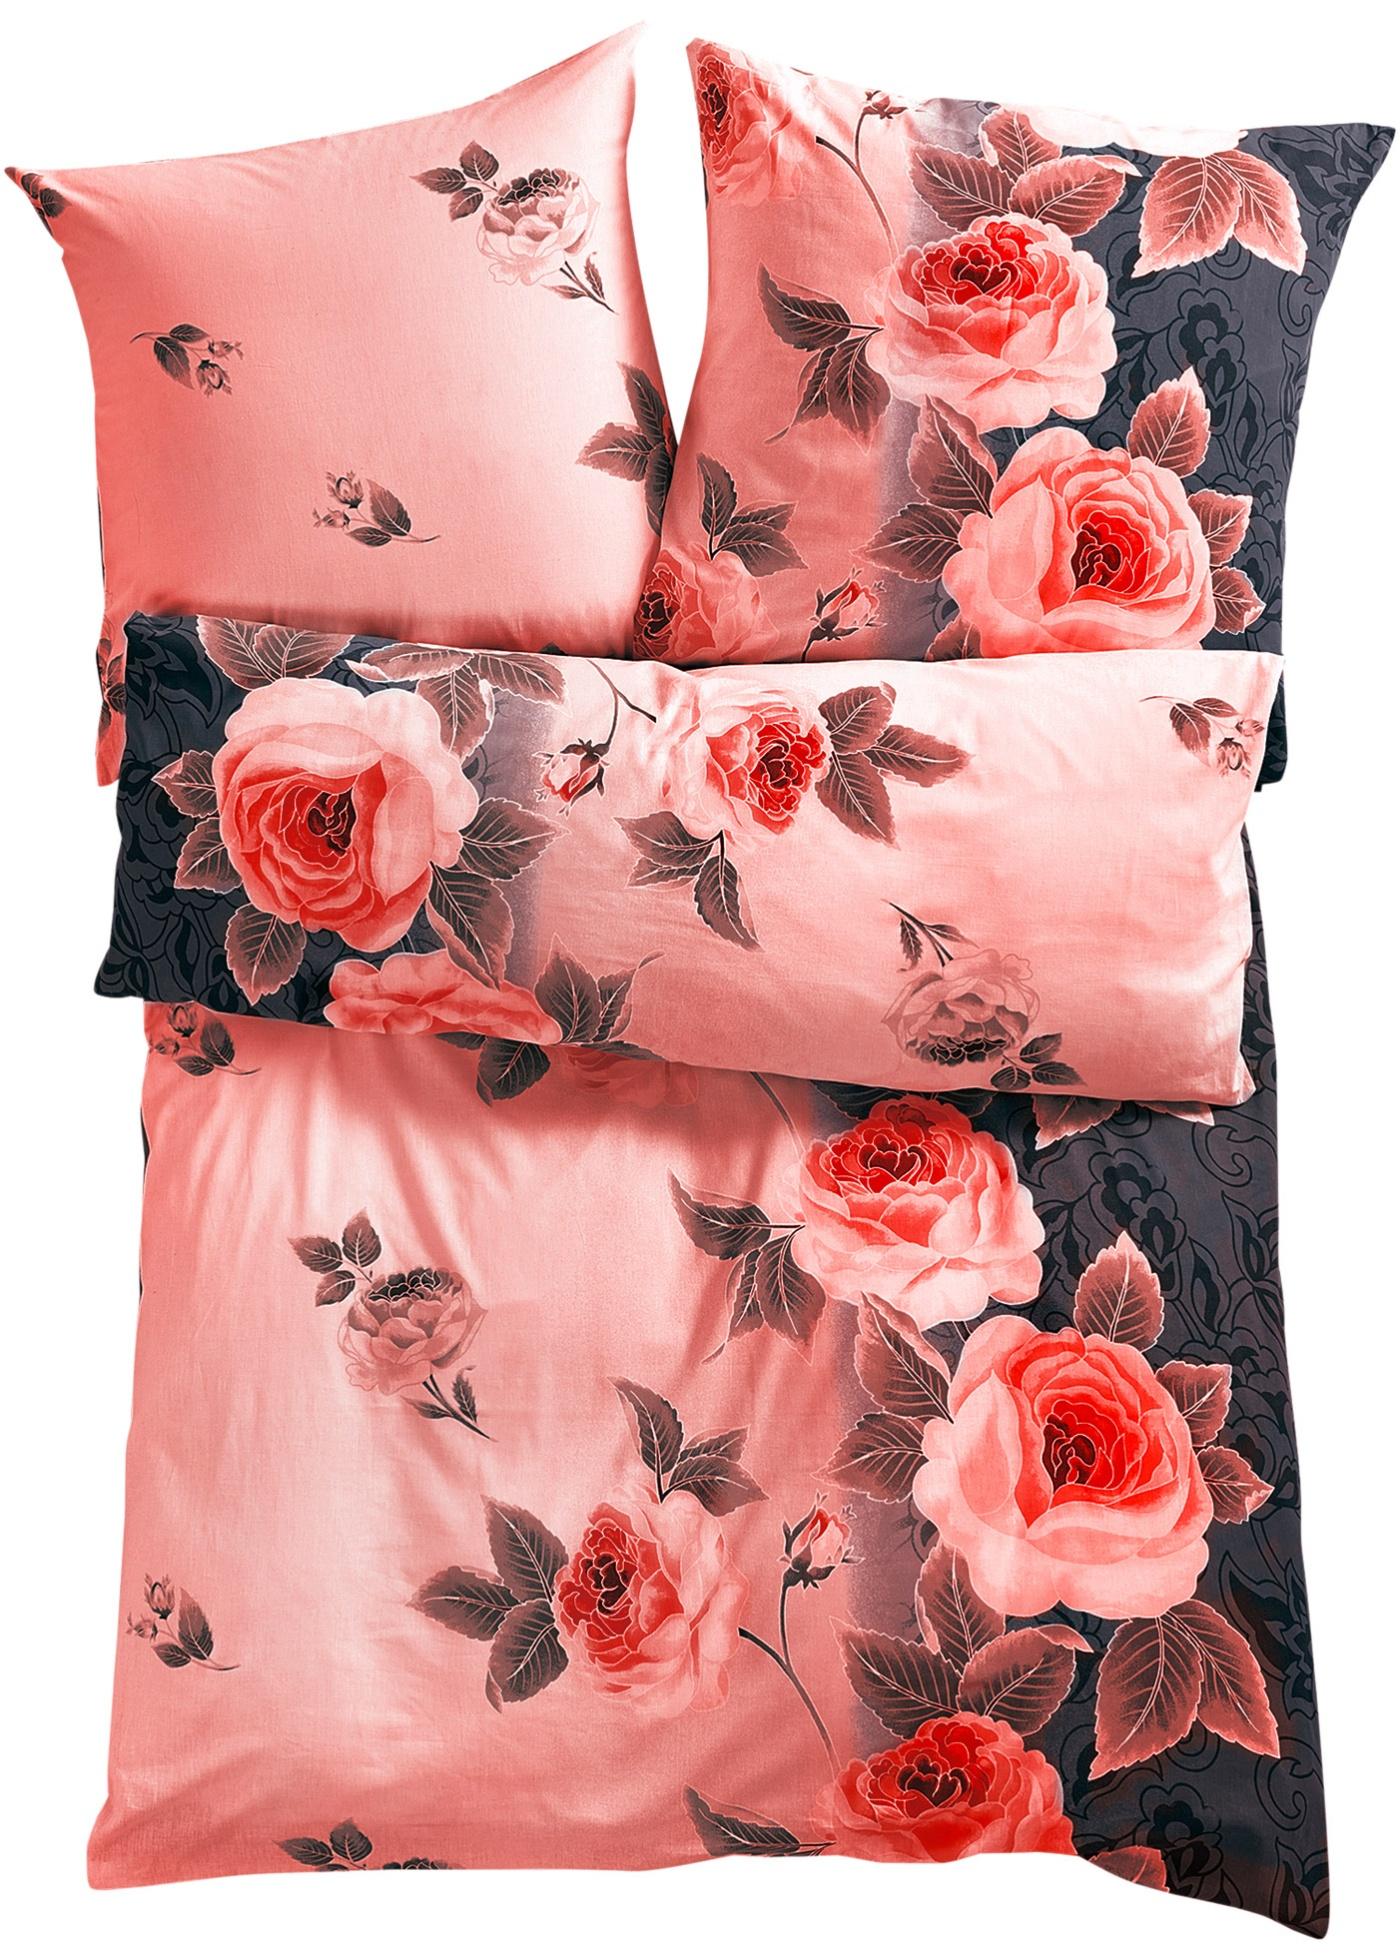 Parure de lit romantique ornée de superbes motifs de roses. Disponible en parures 2 pces. ou 4 pces. et en parure duo 3 pces. Différentes qualités au choix.